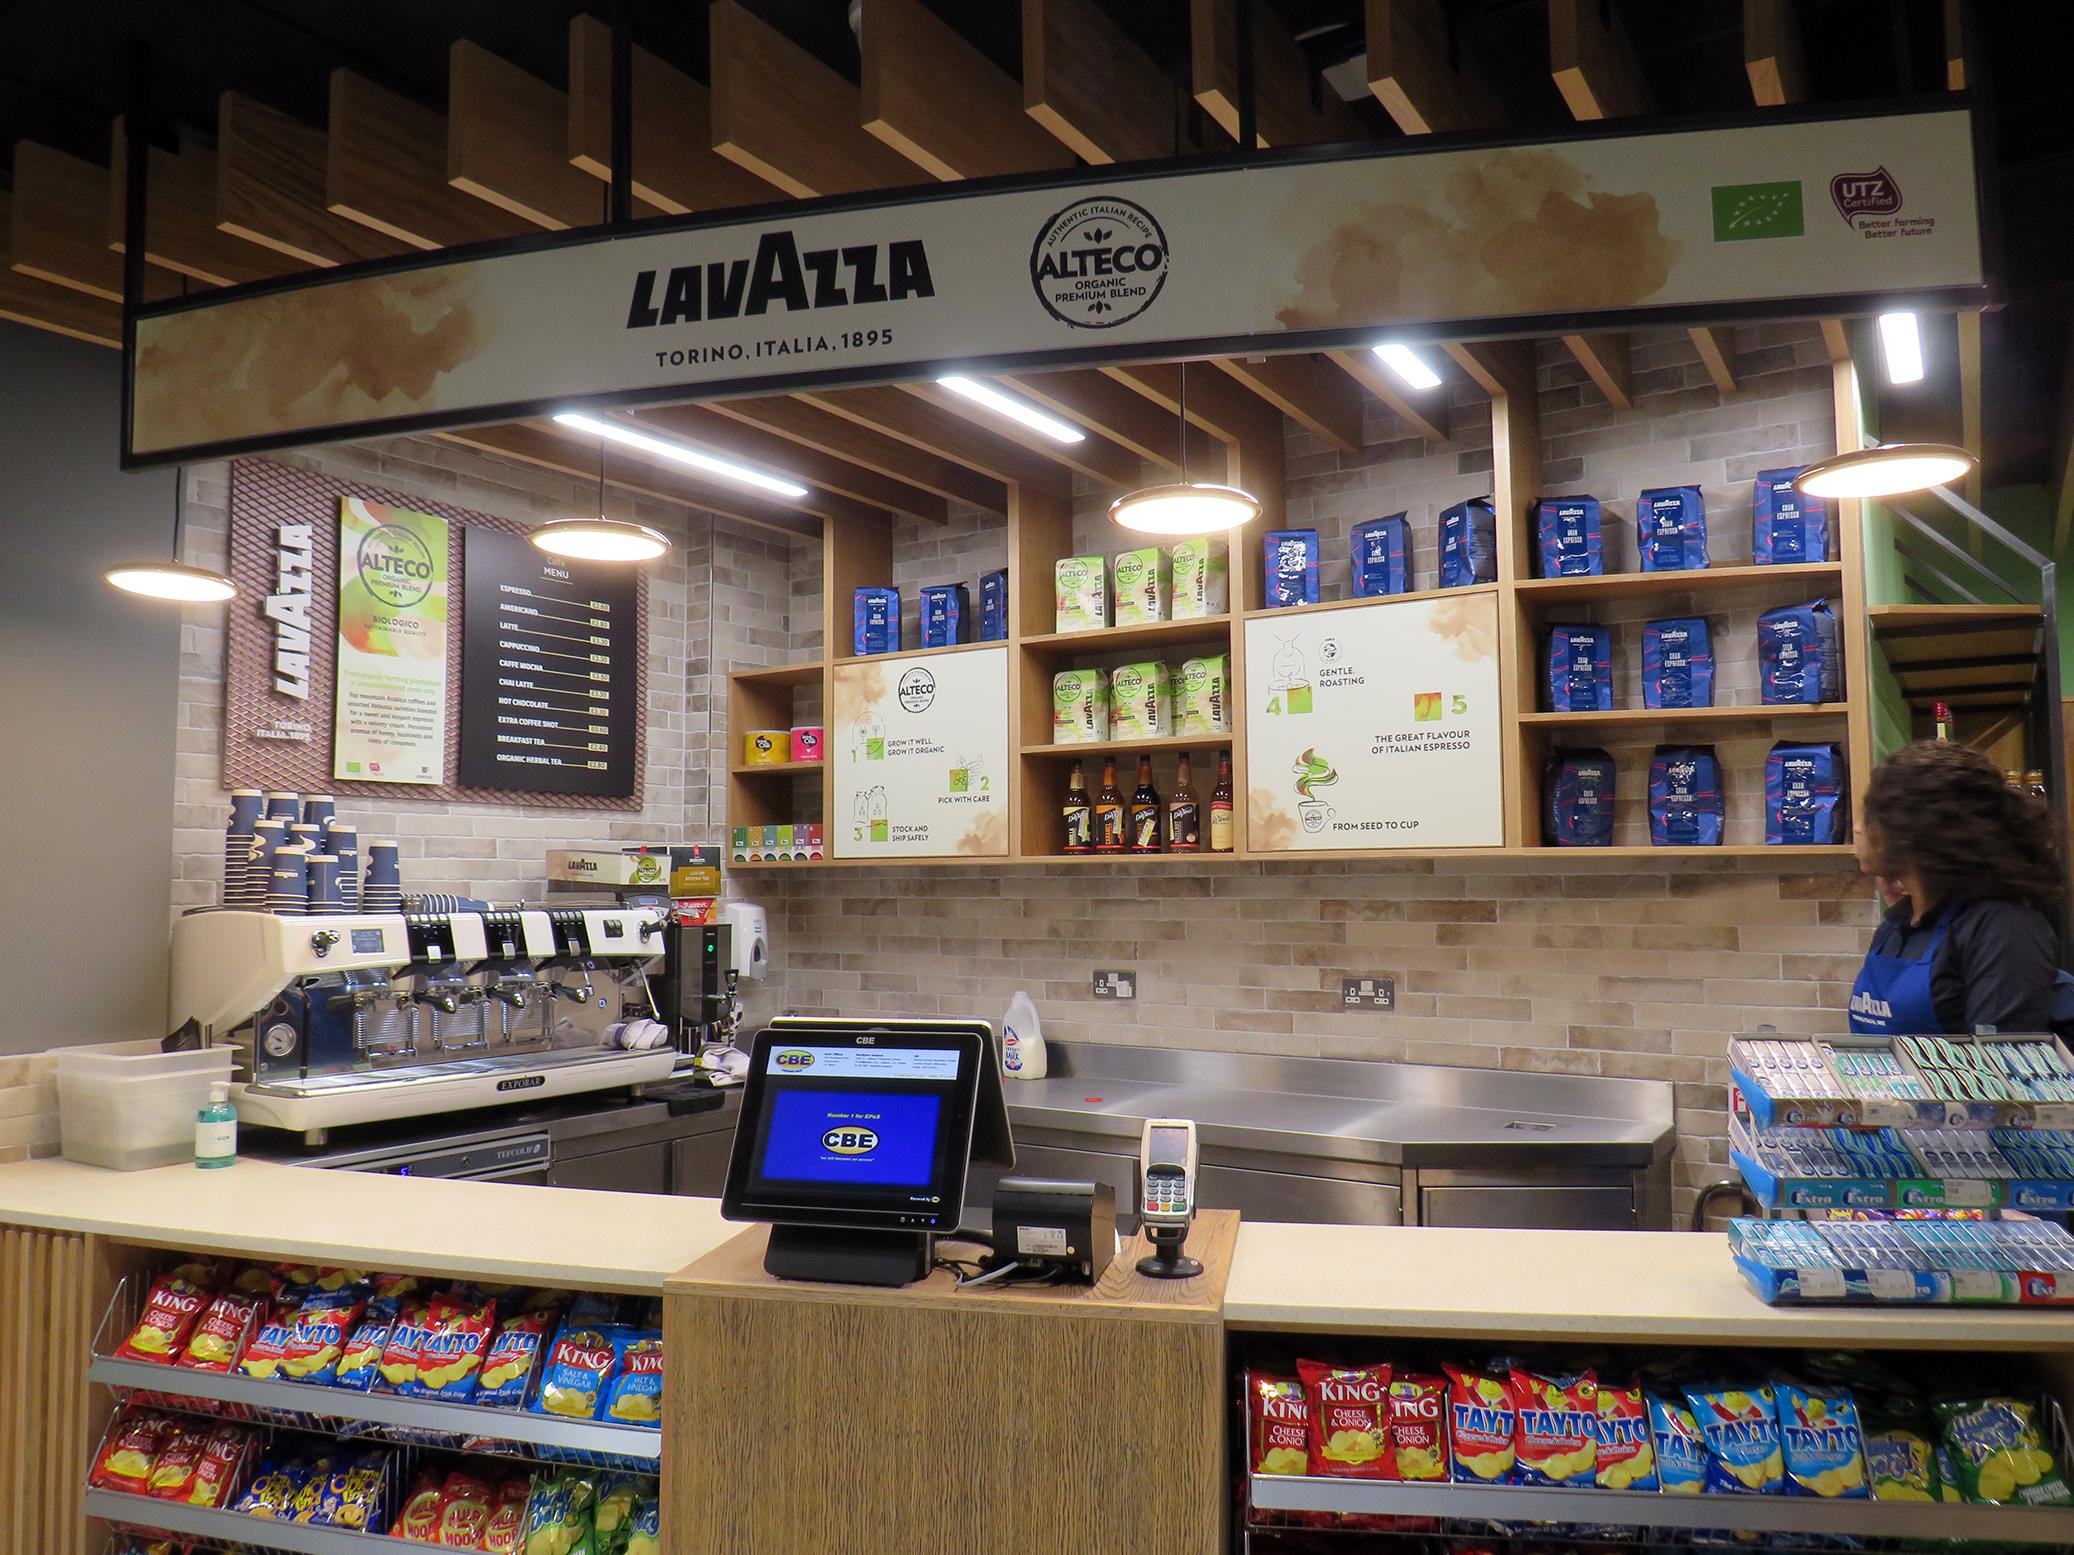 Lavazza Dublin Airport